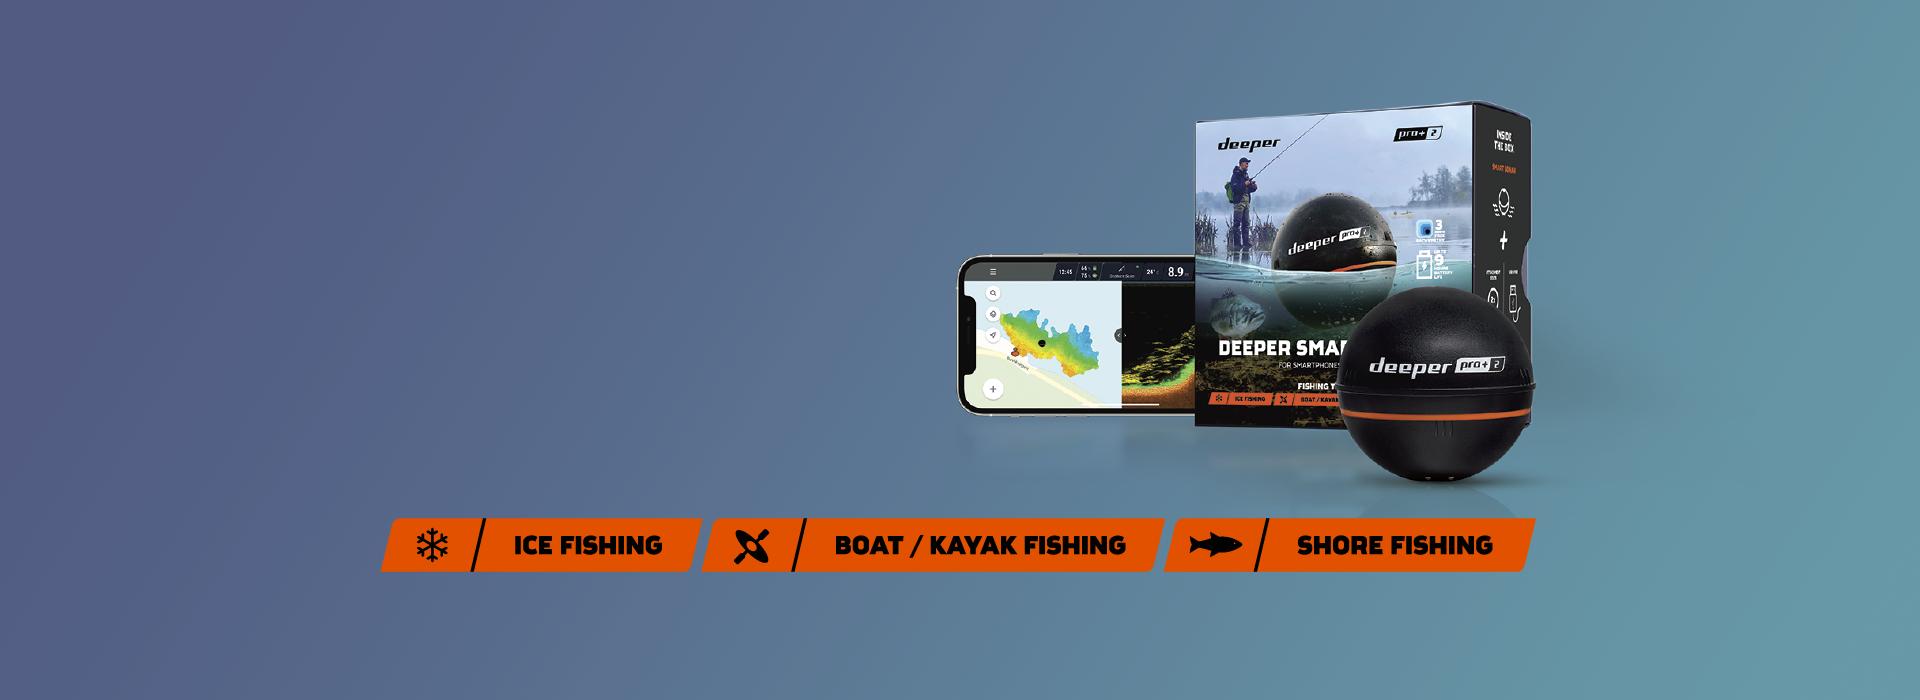 Nya Deeper PRO+ 2! Älskad av fiskare världen över.Nu förbättrad och bättre än någonsin.